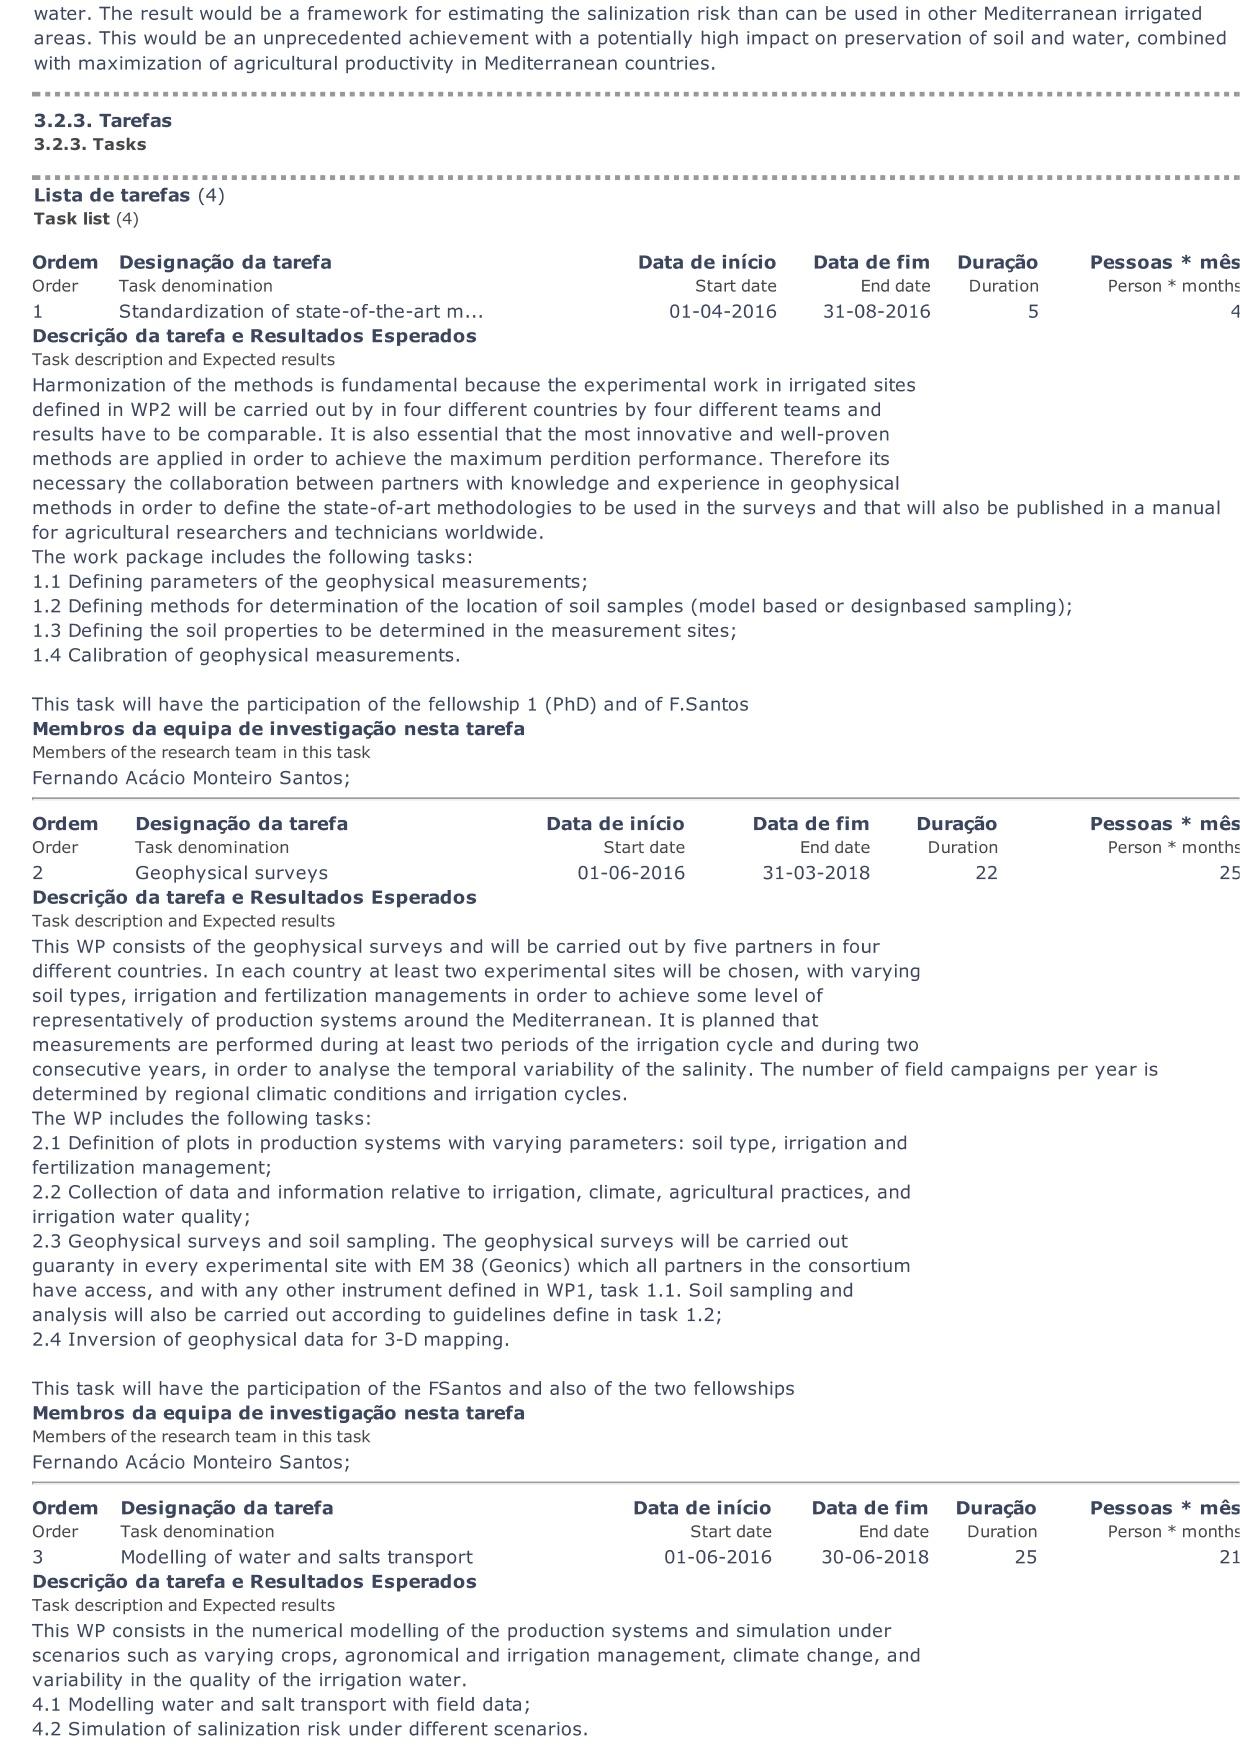 FCT _ PROJECTOS DE INVESTIGAÇÃO CIENTÍFICA E DESENVOLVIMENTO TECNOLOGICO5.jpg